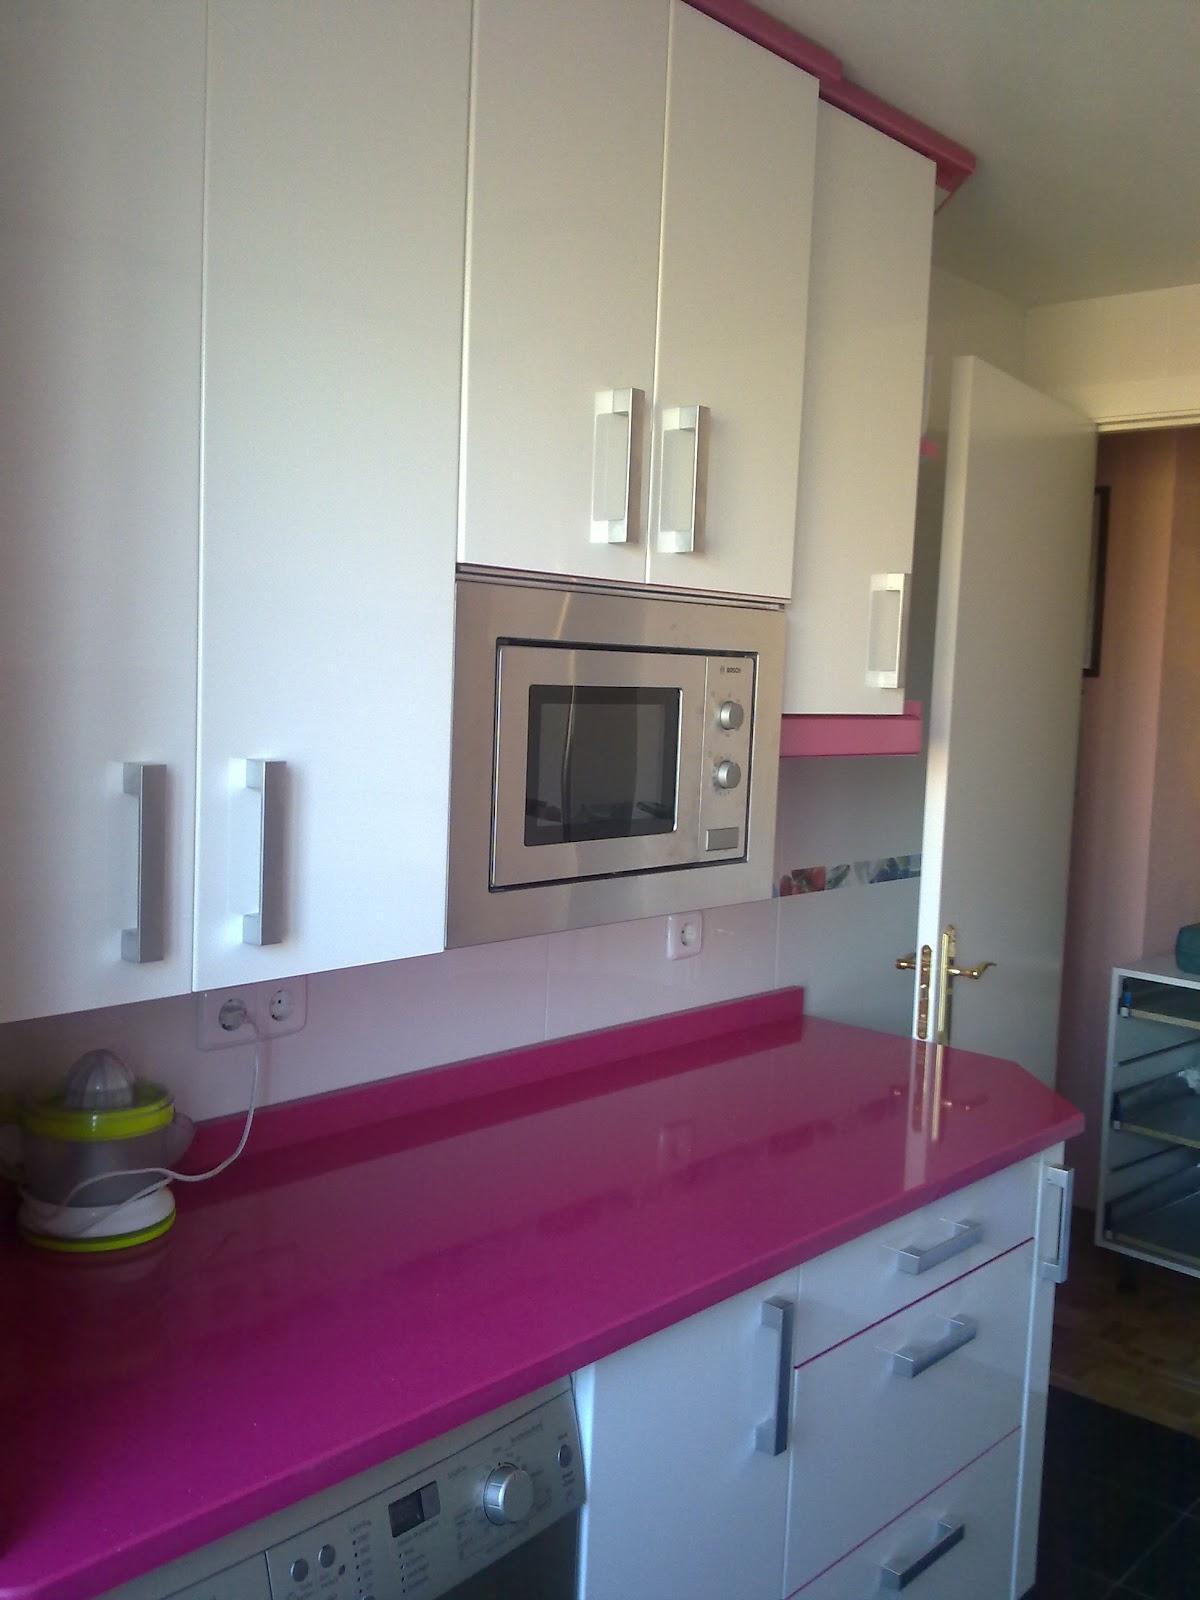 Muebles De Cocina Sueltos. Elegant Tags Muebles De Cocina Sueltos En ...